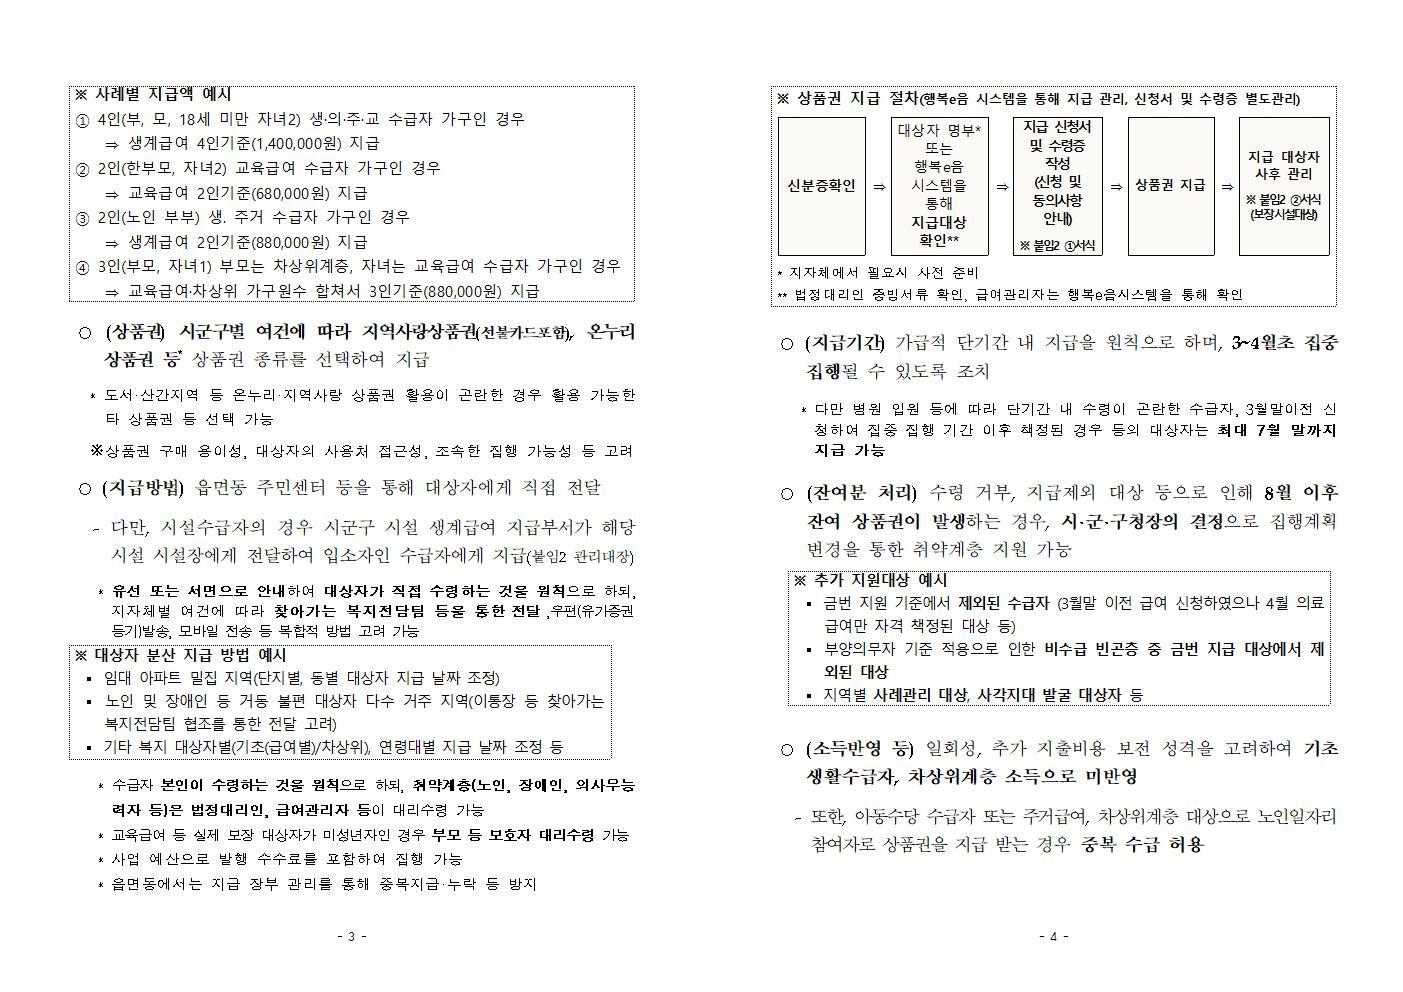 200312 저소득층 한시생활지원 사업안내(1차 지자체 송부)002.jpg